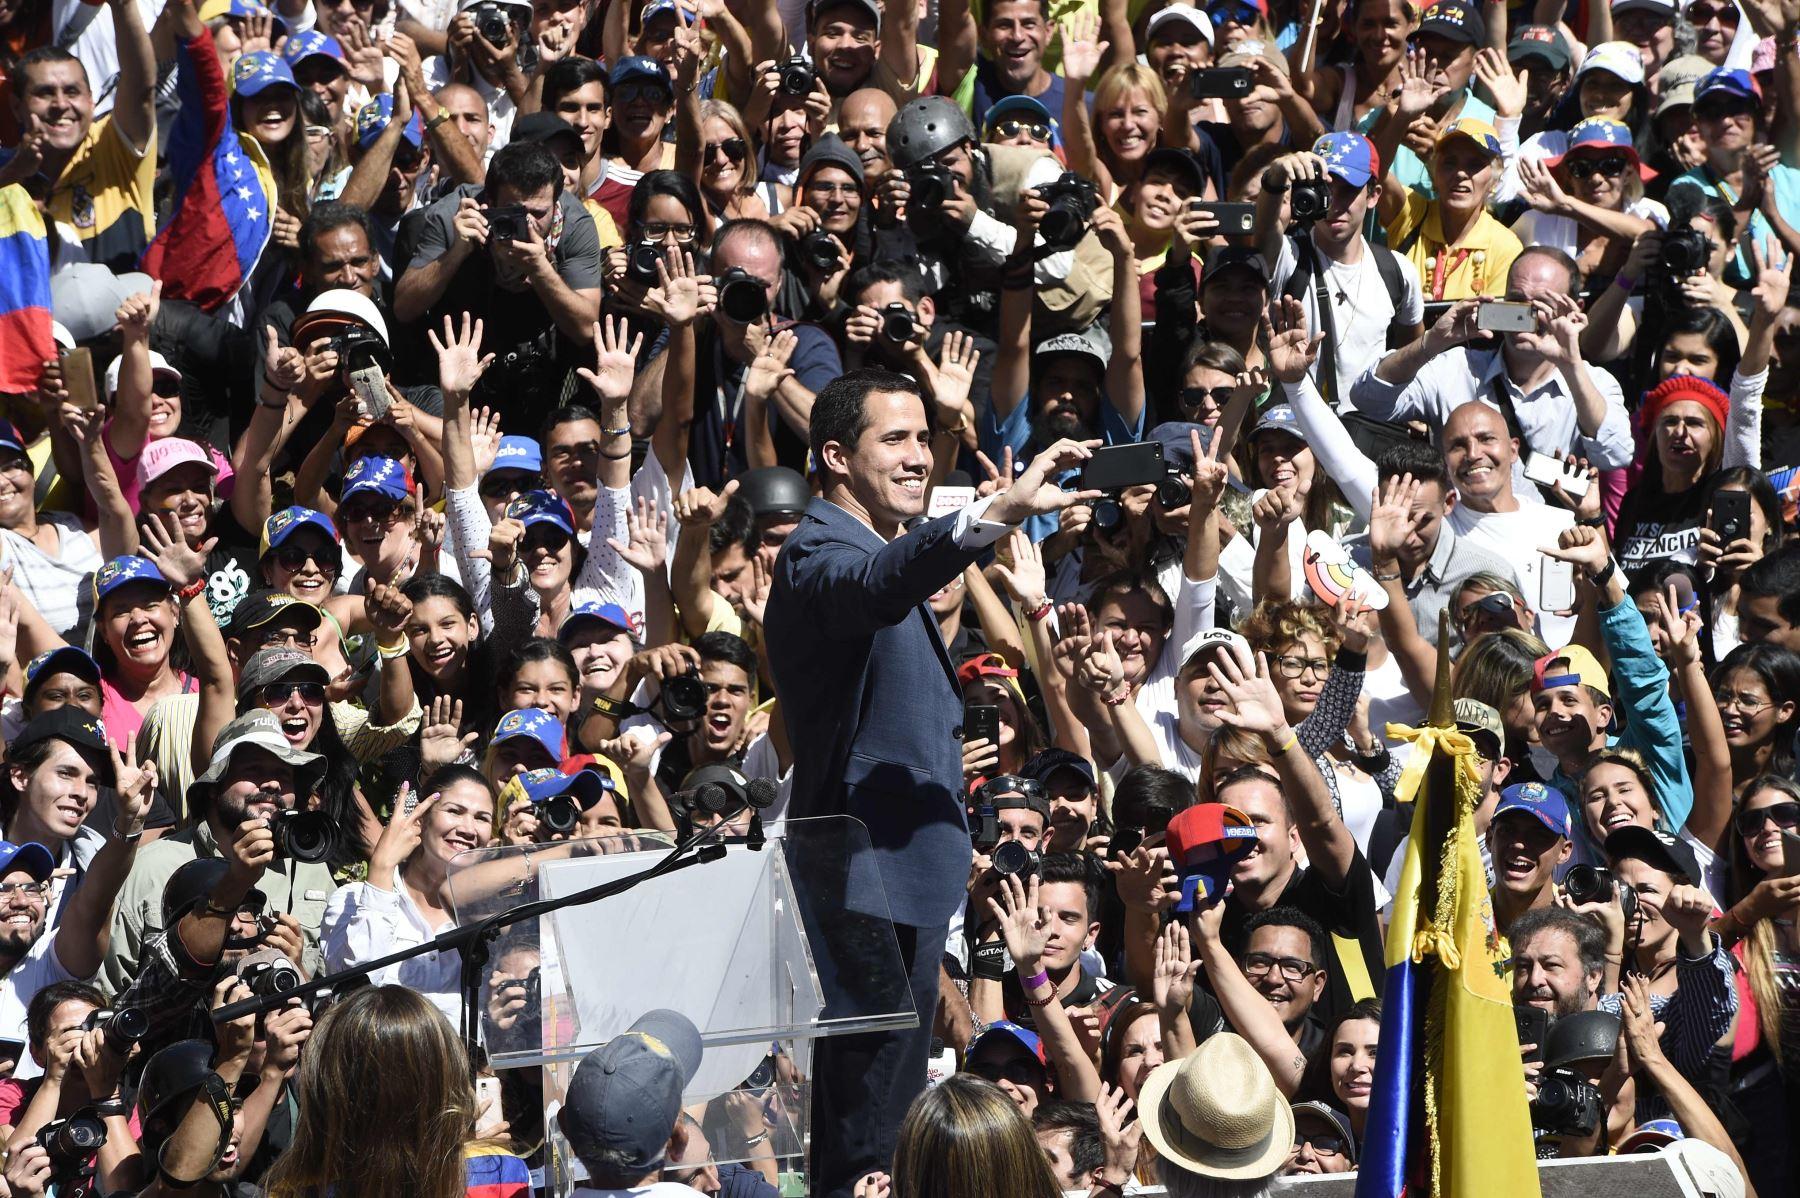 El líder opositor venezolano y autodeclarado presidente Juan Guaido se toma un selfie con sus simpatizantes durante el mitin de hoy Foto: AFP